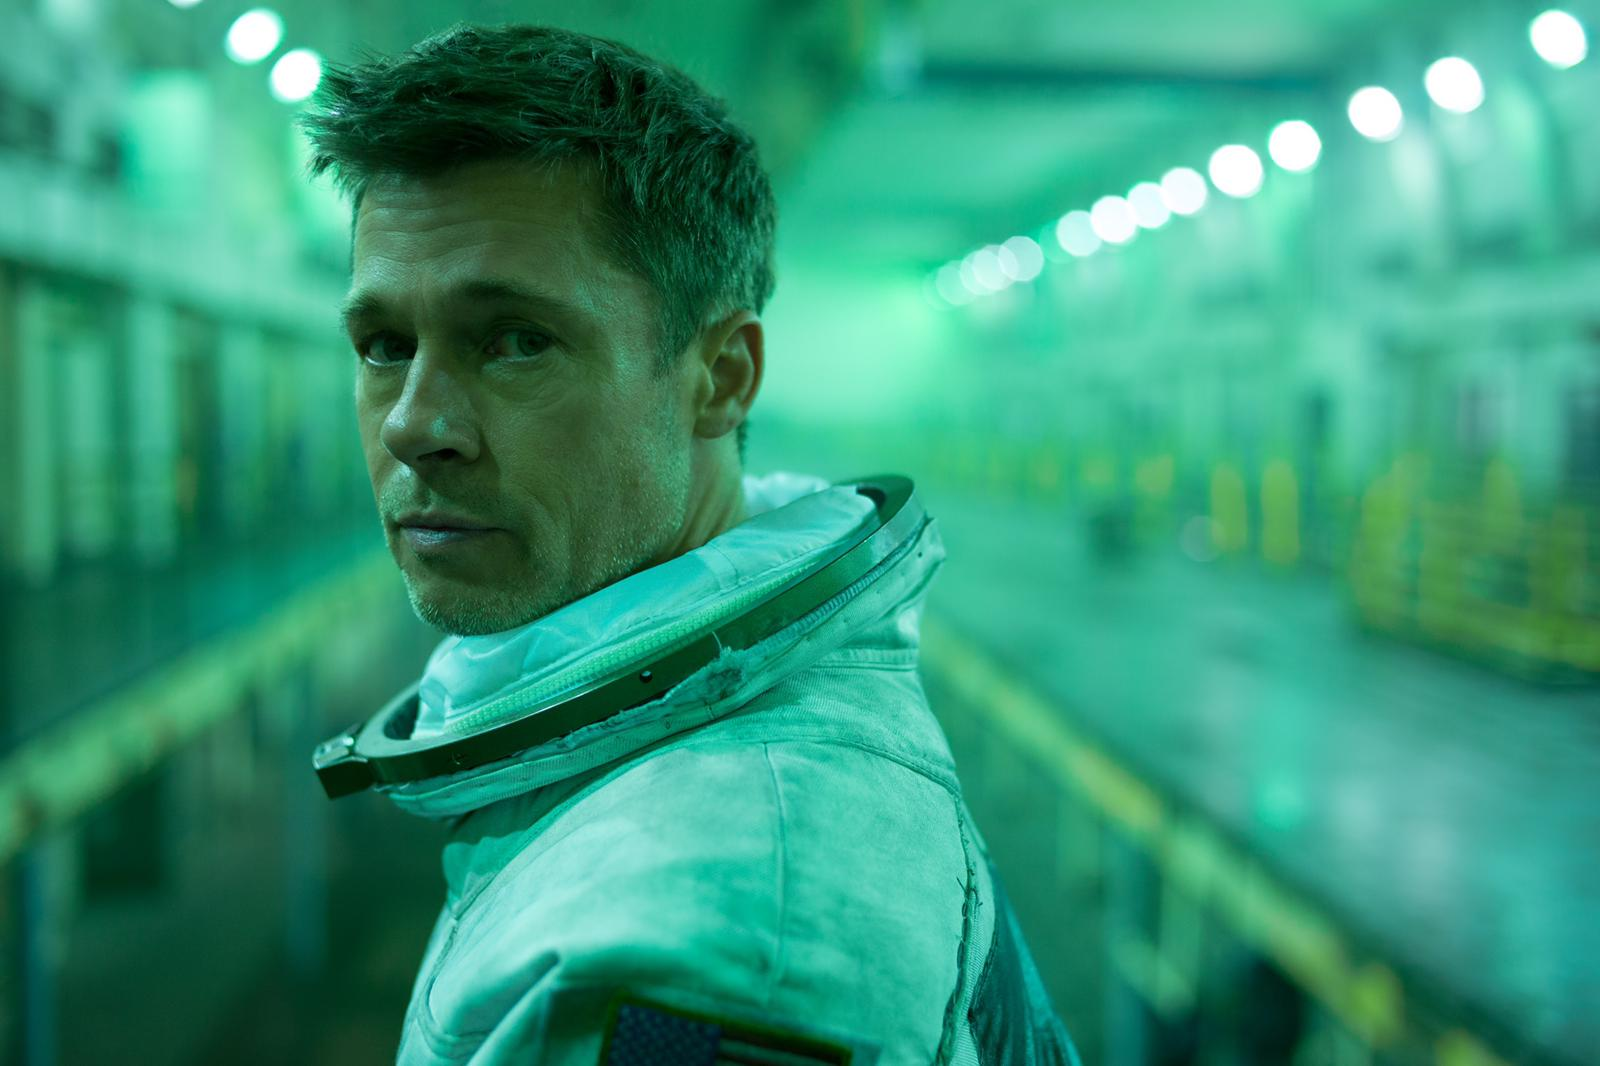 Doppiatori leggendari e dove trovarli: Sandro Acerbo vi aspetta nello spazio con Brad Pitt